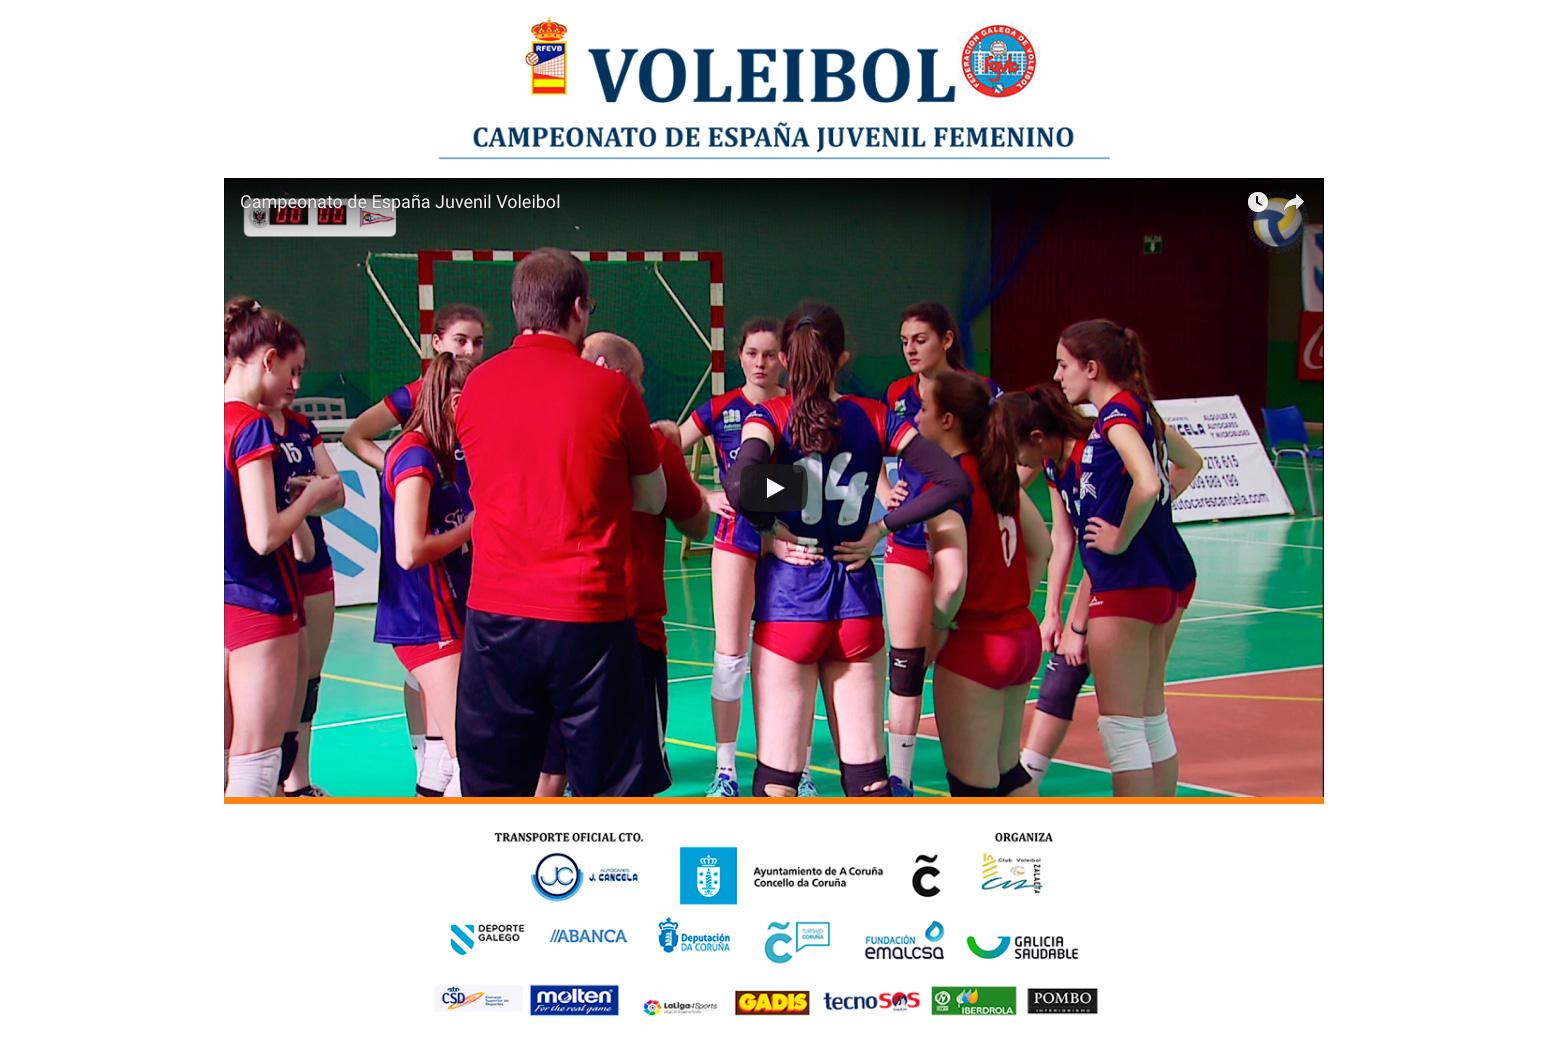 Campeonato de España Juvenil Voleibol